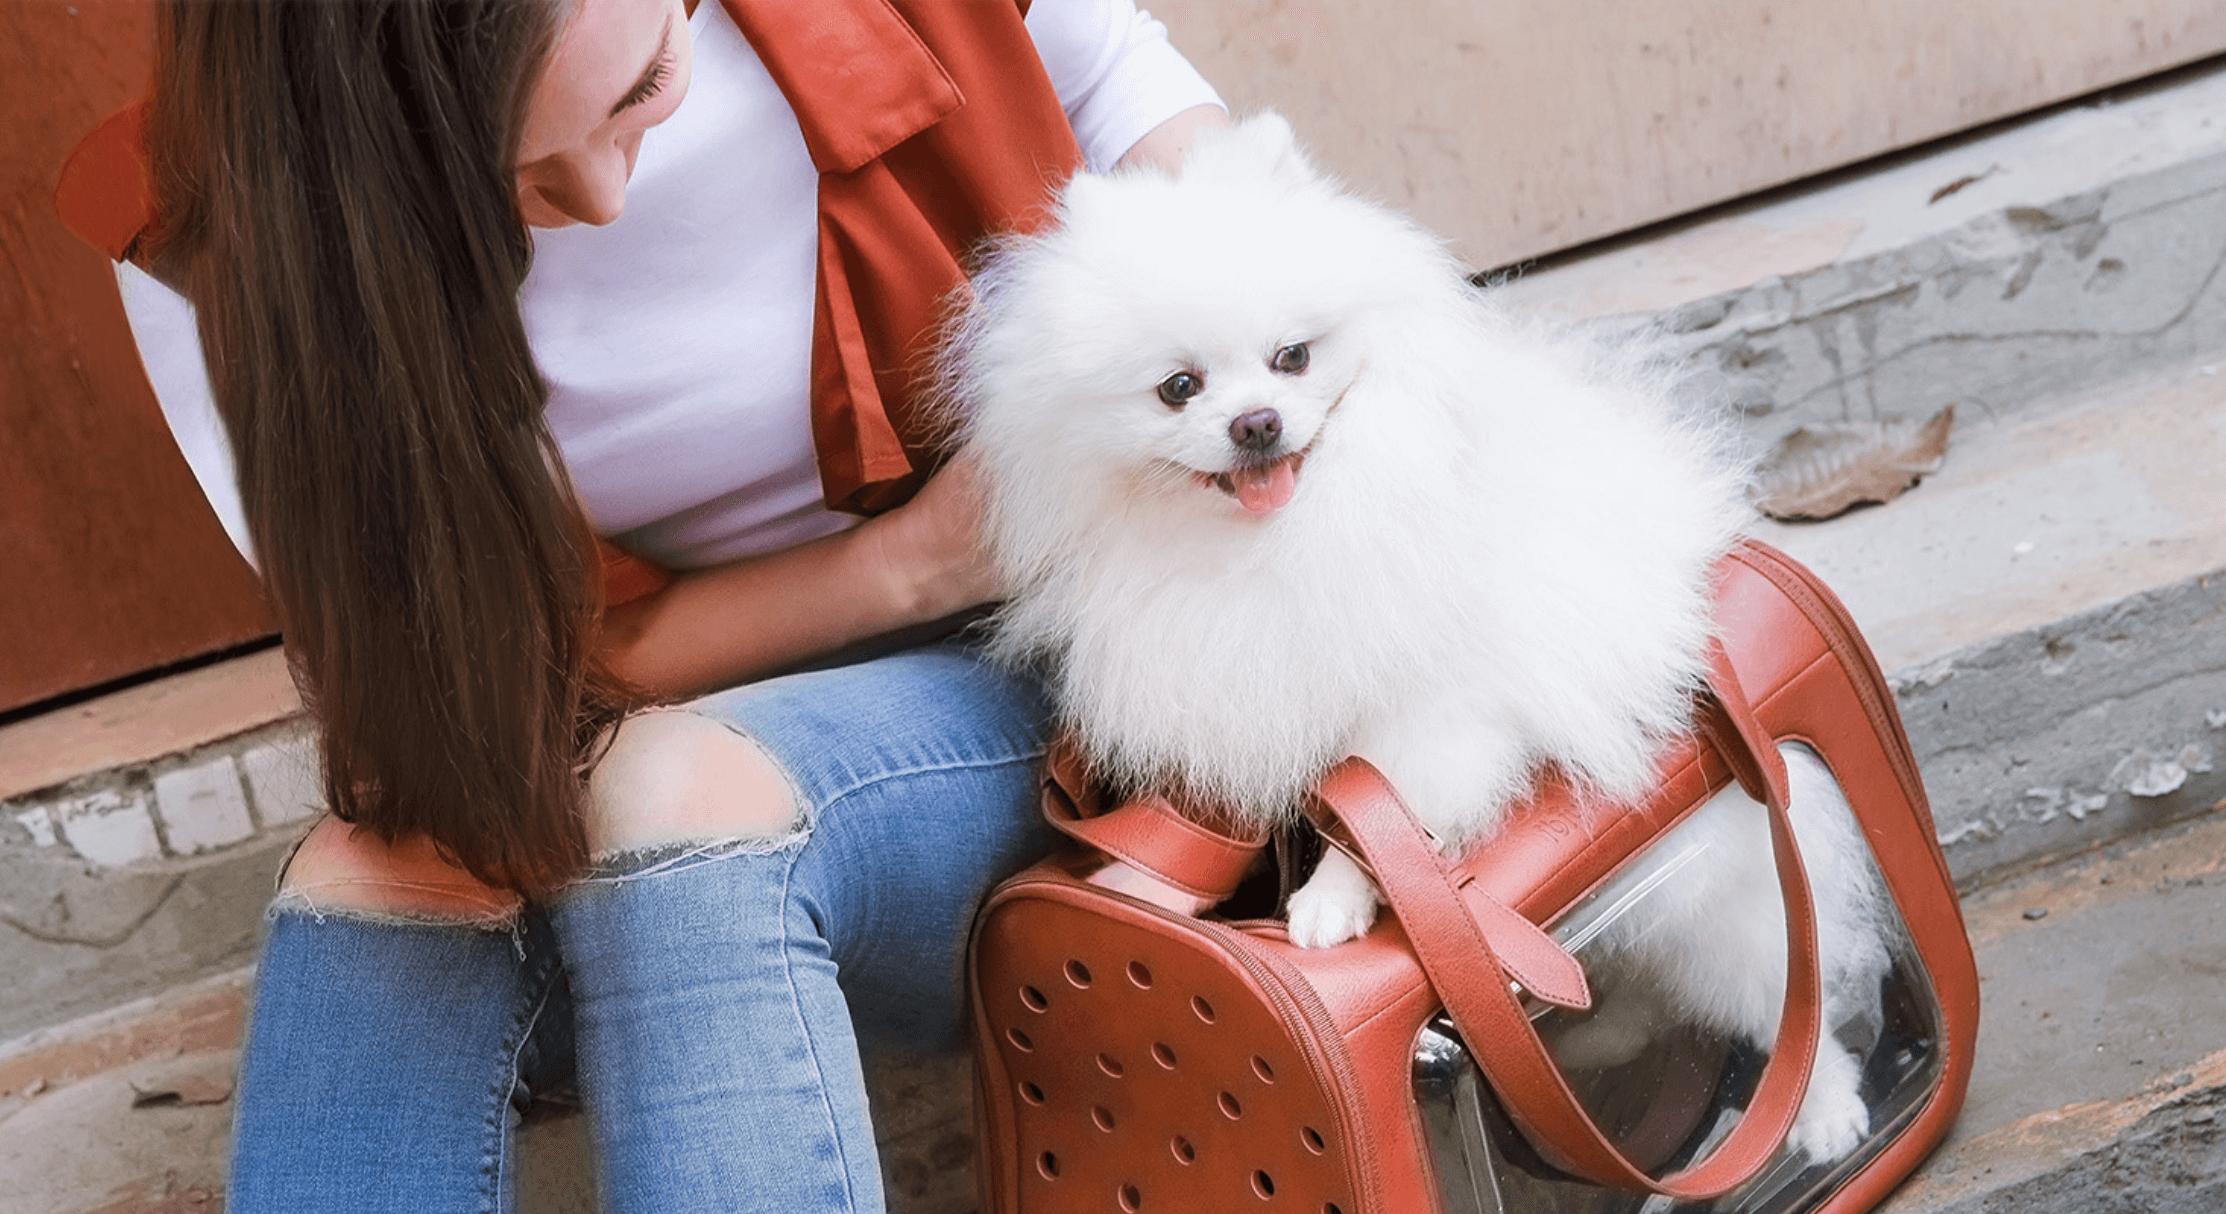 Hundebox und Hundetasche für den Transport des Hundes